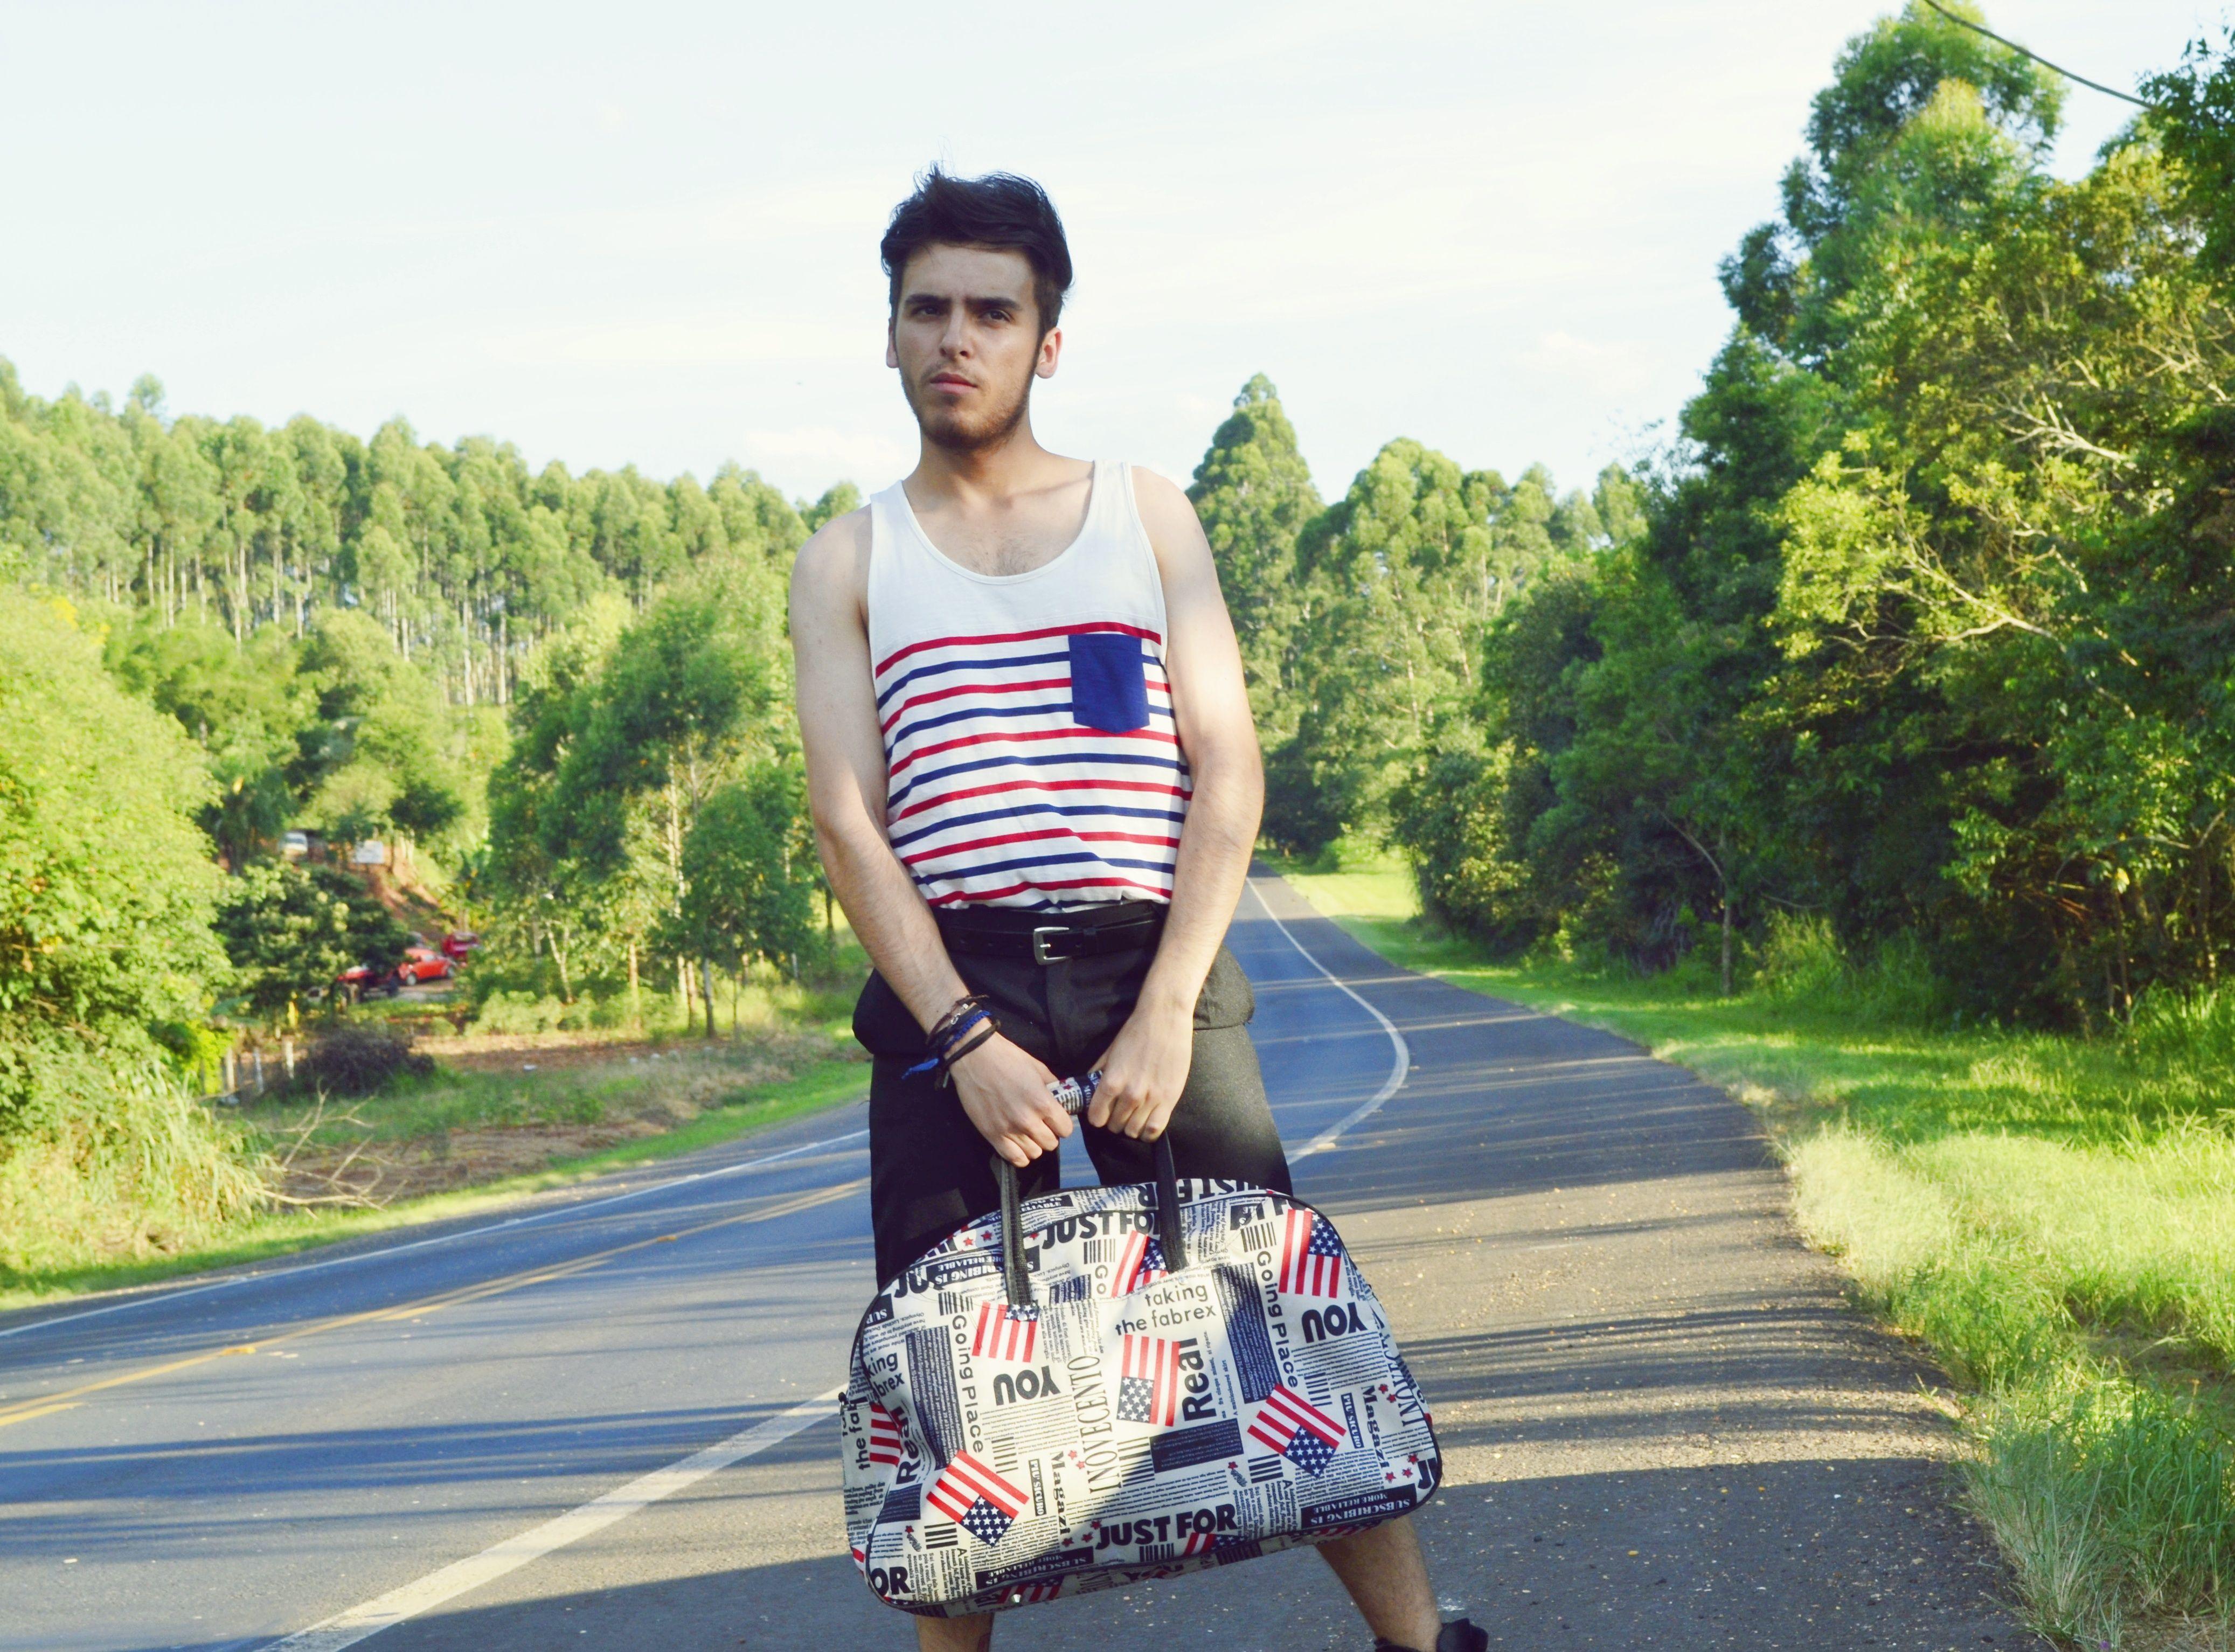 #navy #moda #man #bandeirismo #bag